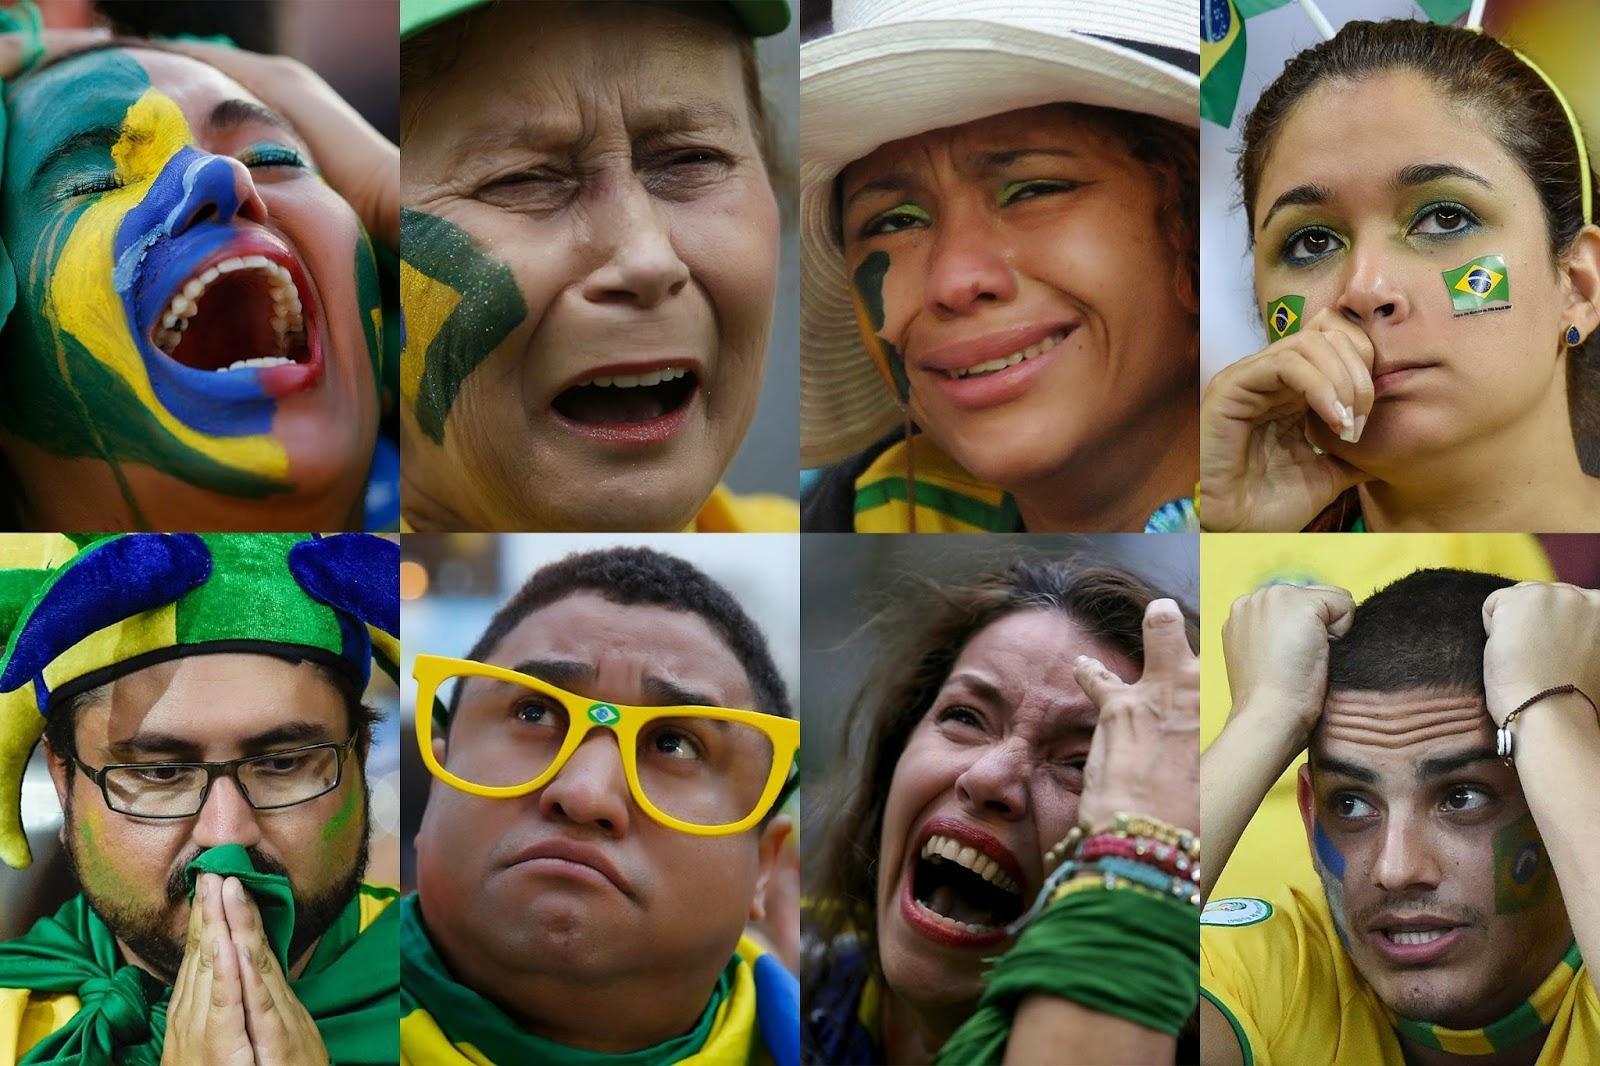 140708-brazil-fans-anguish-jms-1723_51fd